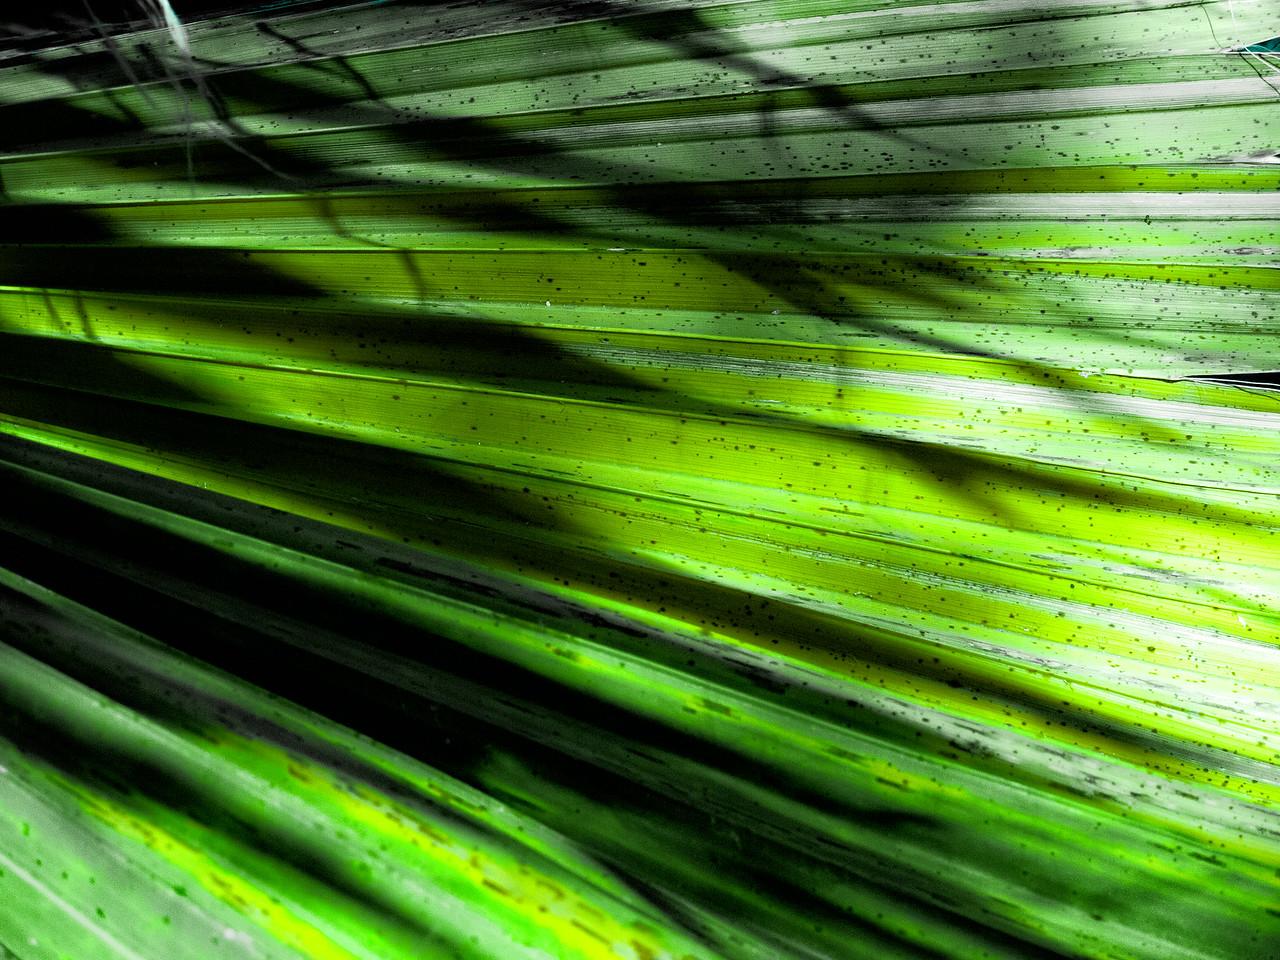 Shadows on a Palm leaf.